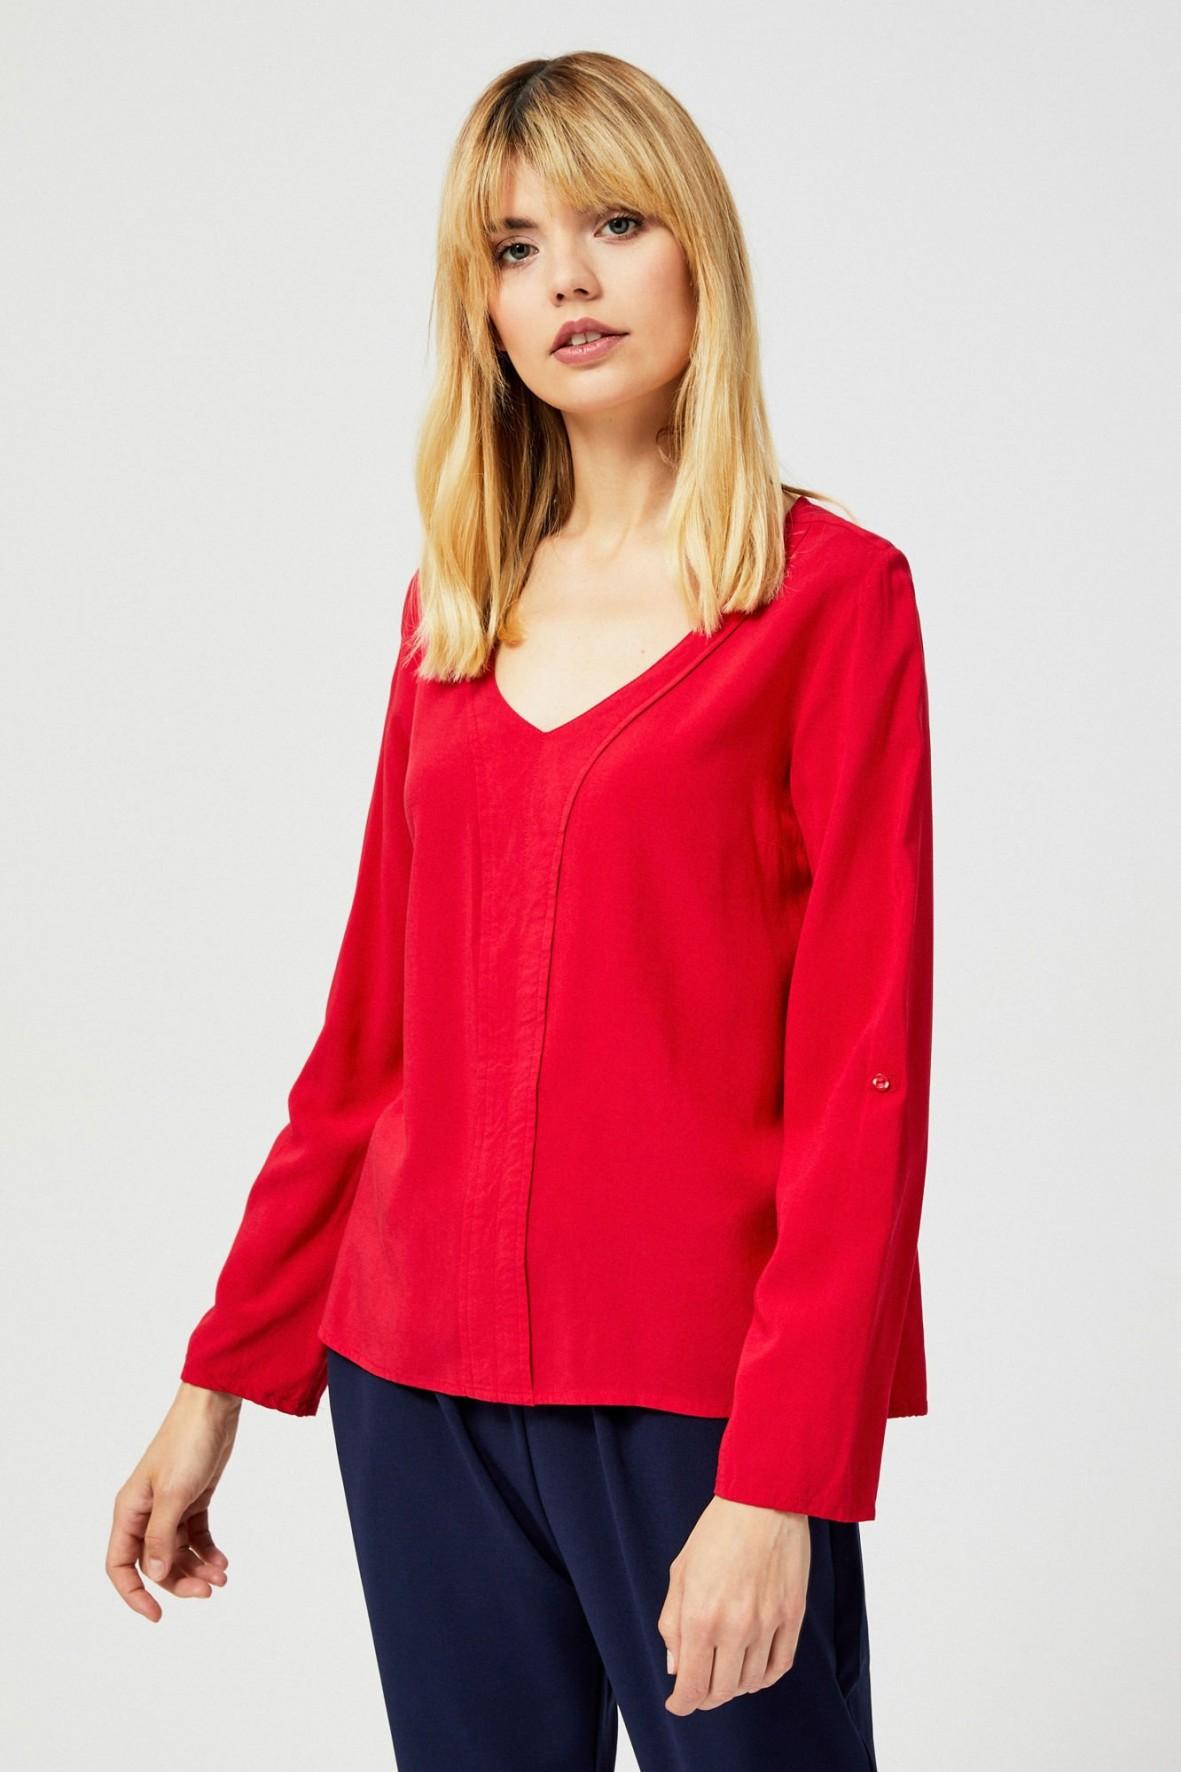 Czarwona bluzka damska z długim rękawem